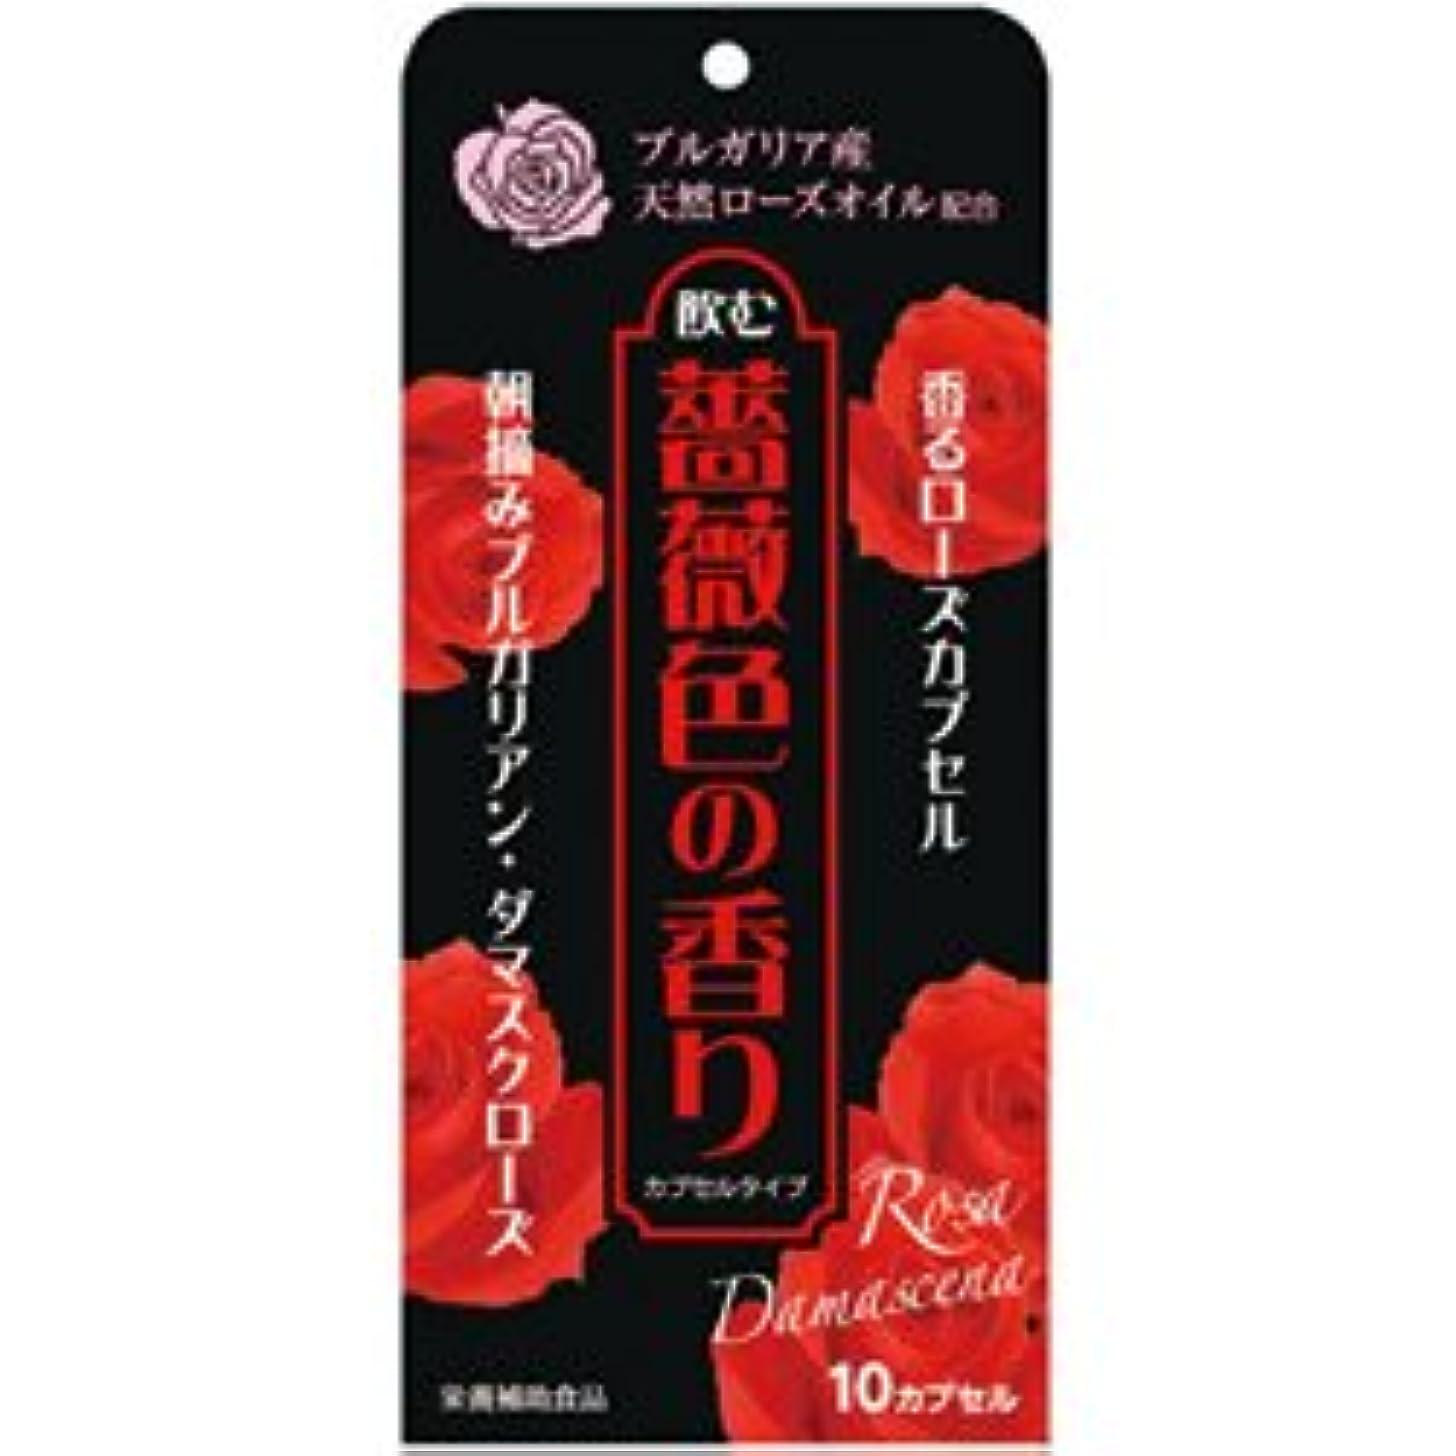 雑草不毛オンス【ウェルネスジャパン】飲む薔薇色の香り 10カプセル ×5個セット